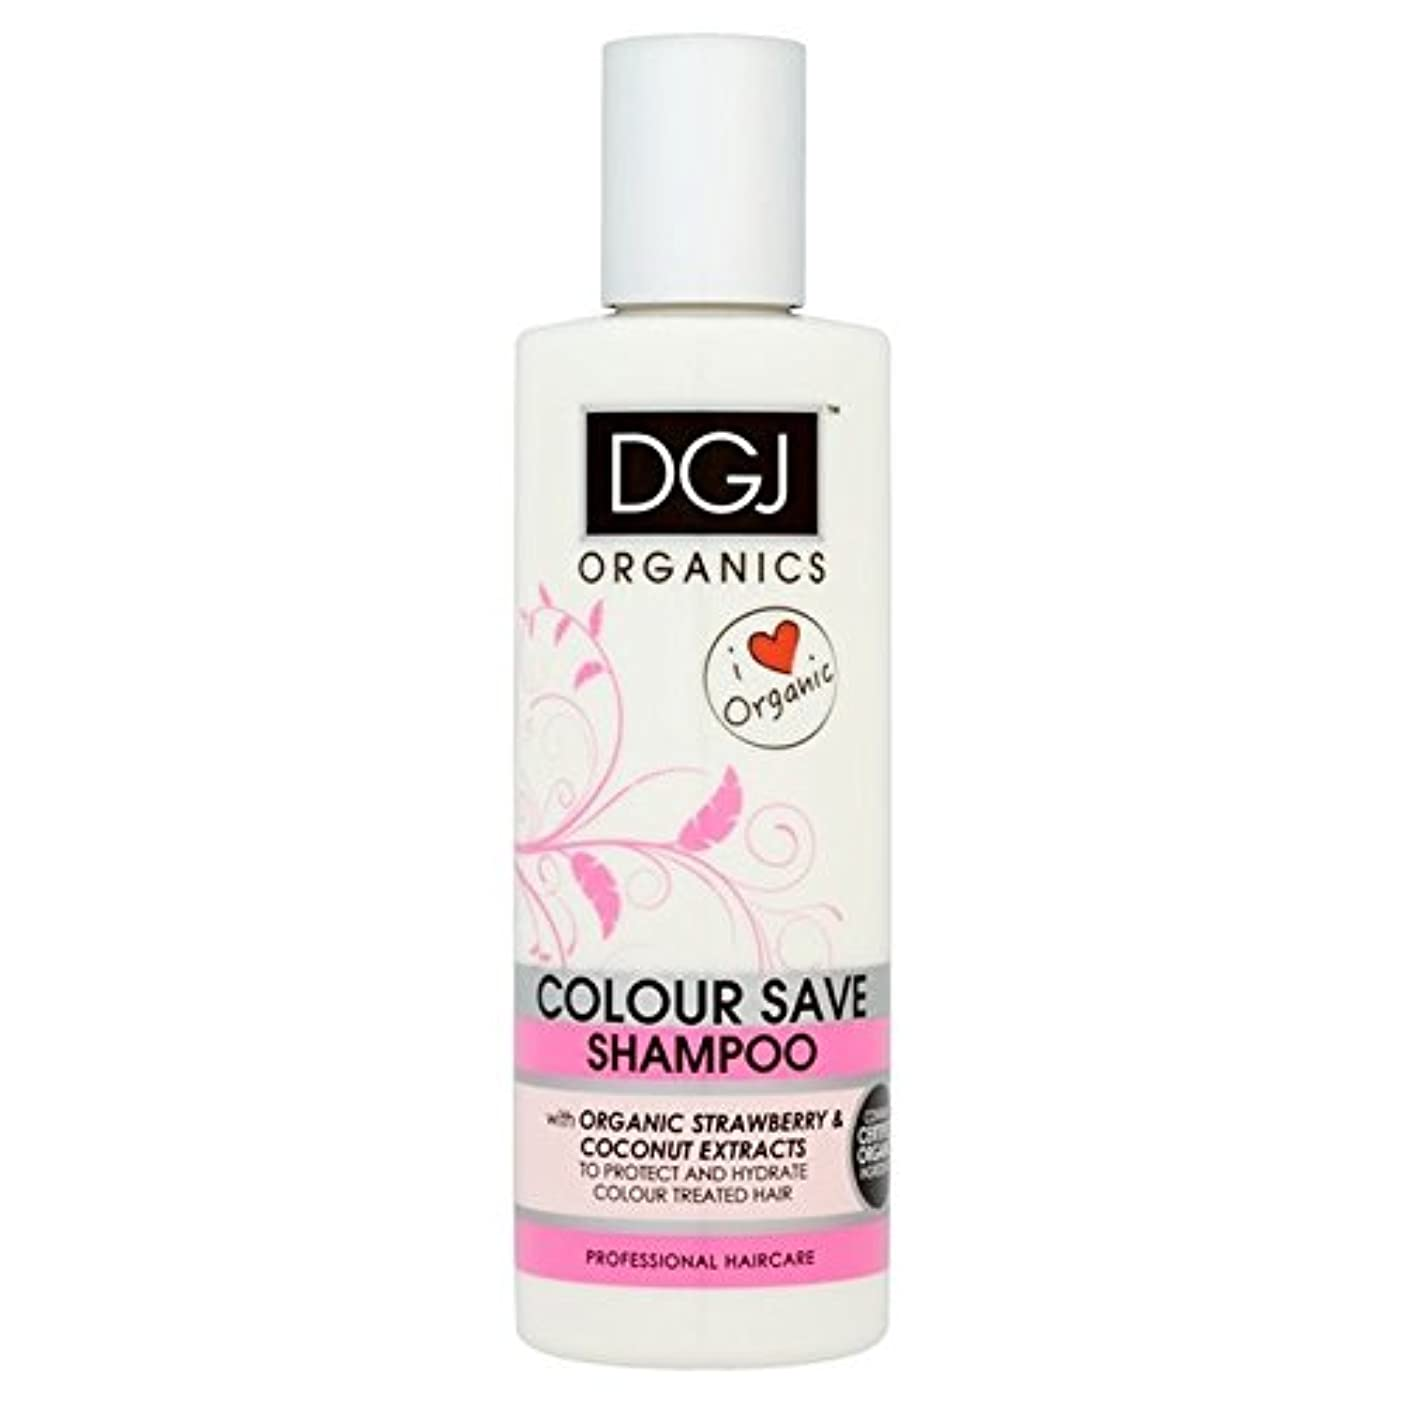 同一の九原子有機物の色シャンプー250ミリリットルを保存 x2 - DGJ Organics Colour Save Shampoo 250ml (Pack of 2) [並行輸入品]